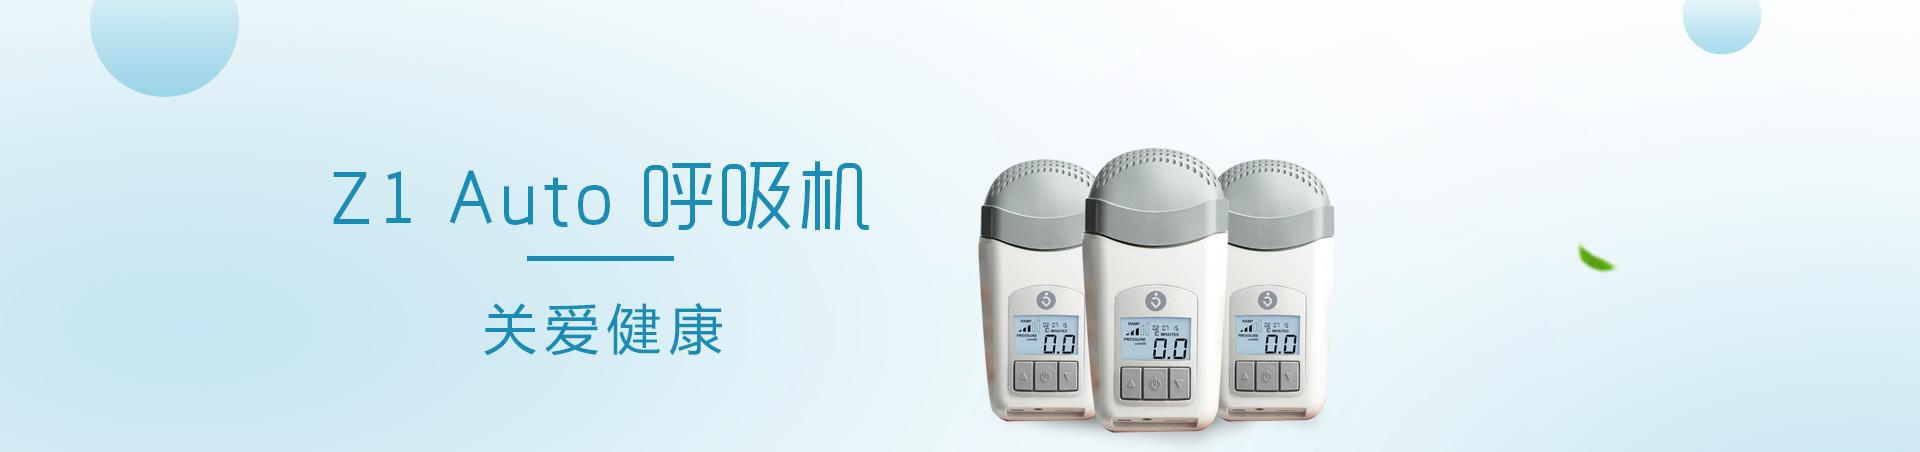 http://www.tianxingjianyiliao.com/data/upload/202009/20200916132239_403.jpg